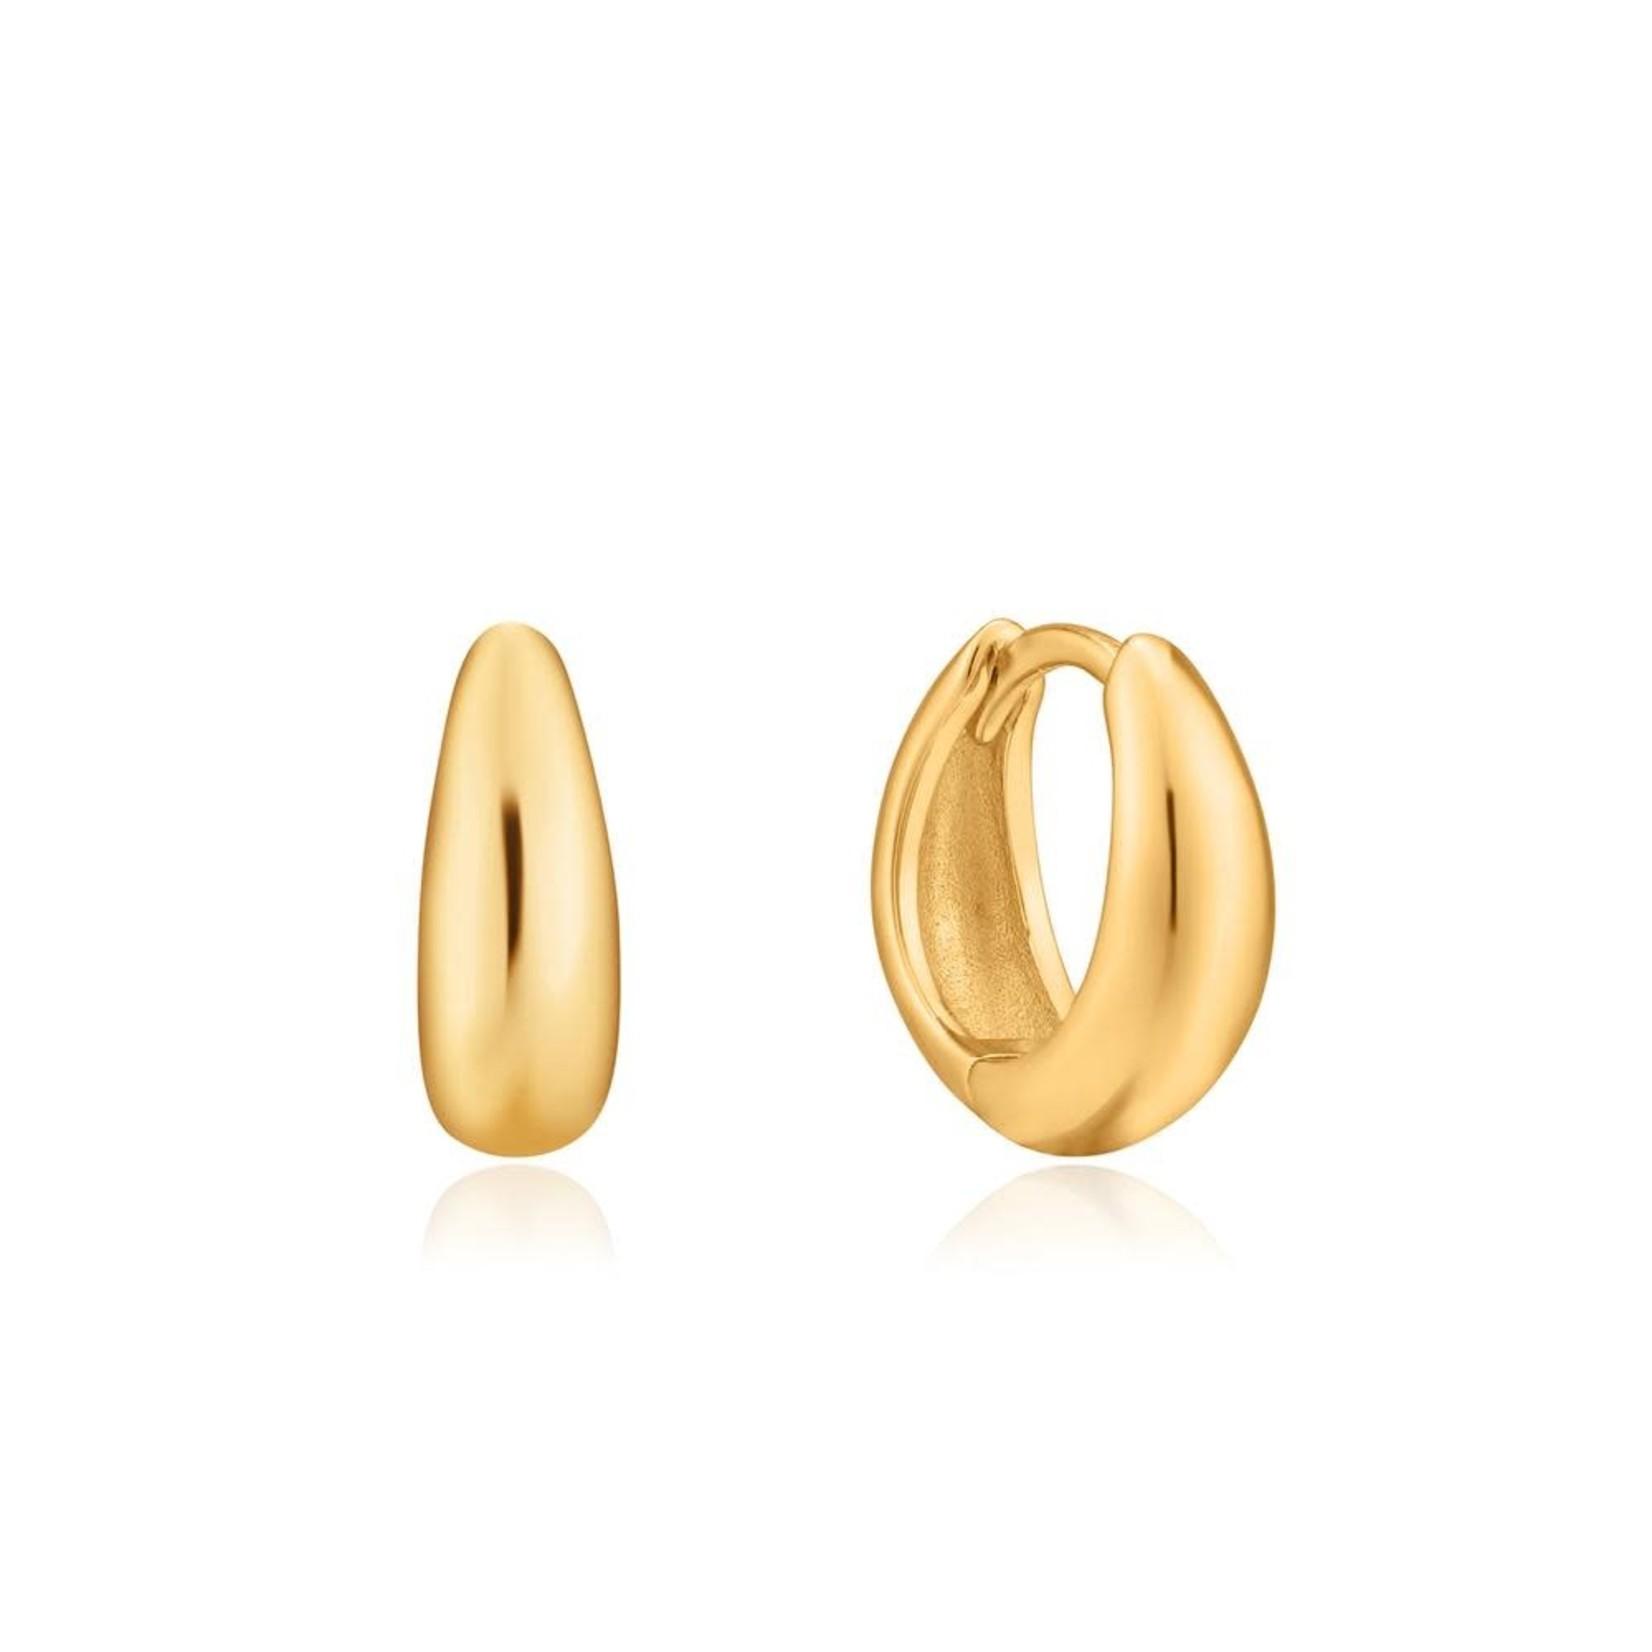 Ania Haie Luxe Huggie Hoop Earring